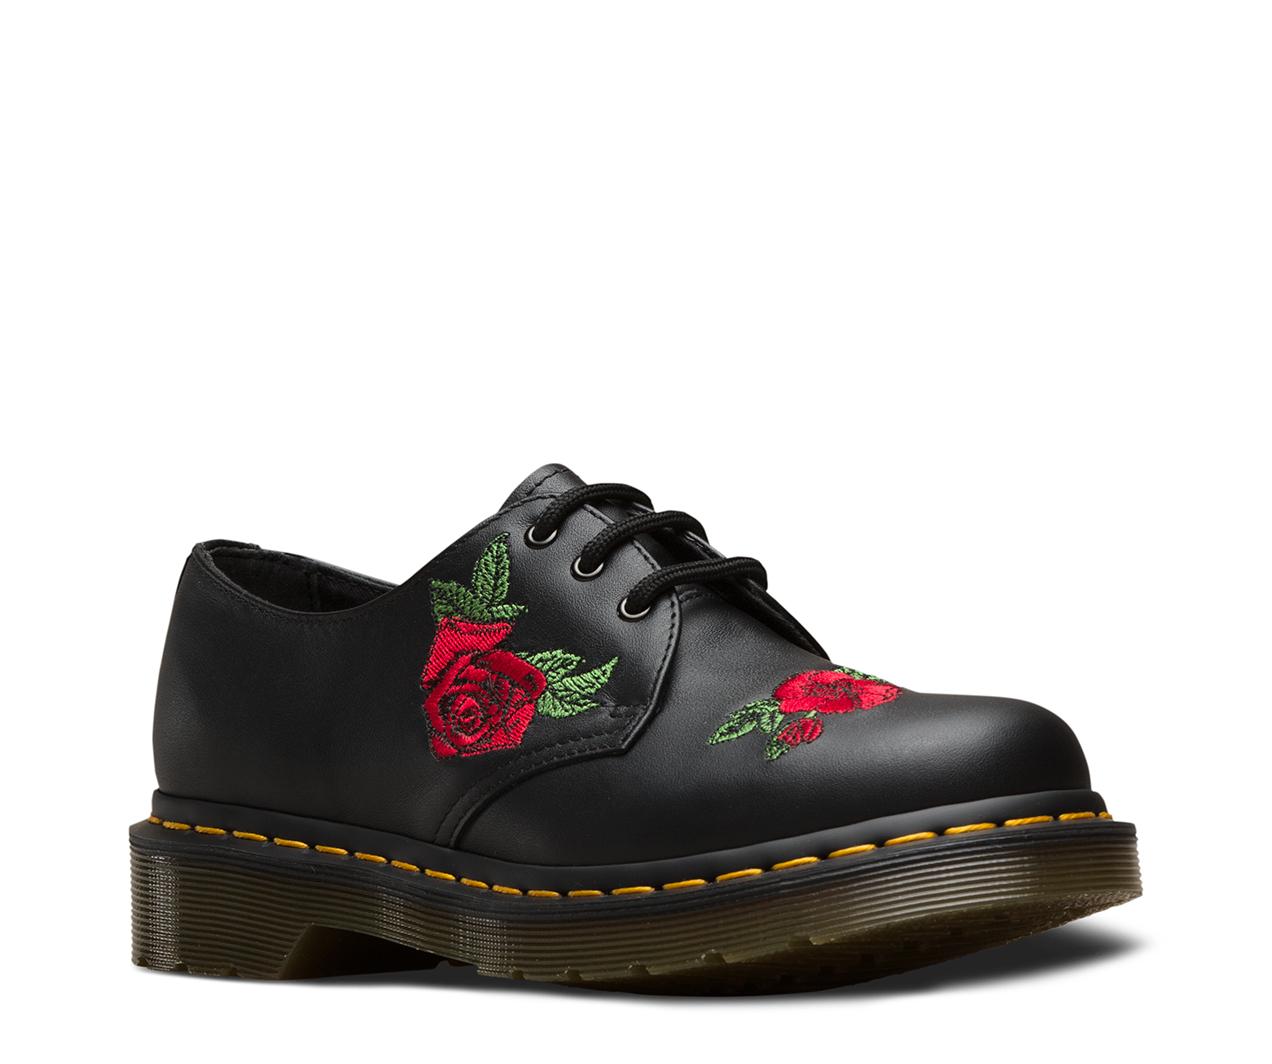 b57d1bc26ef8 1461 VONDA | Women's Boots & Shoes | Canada